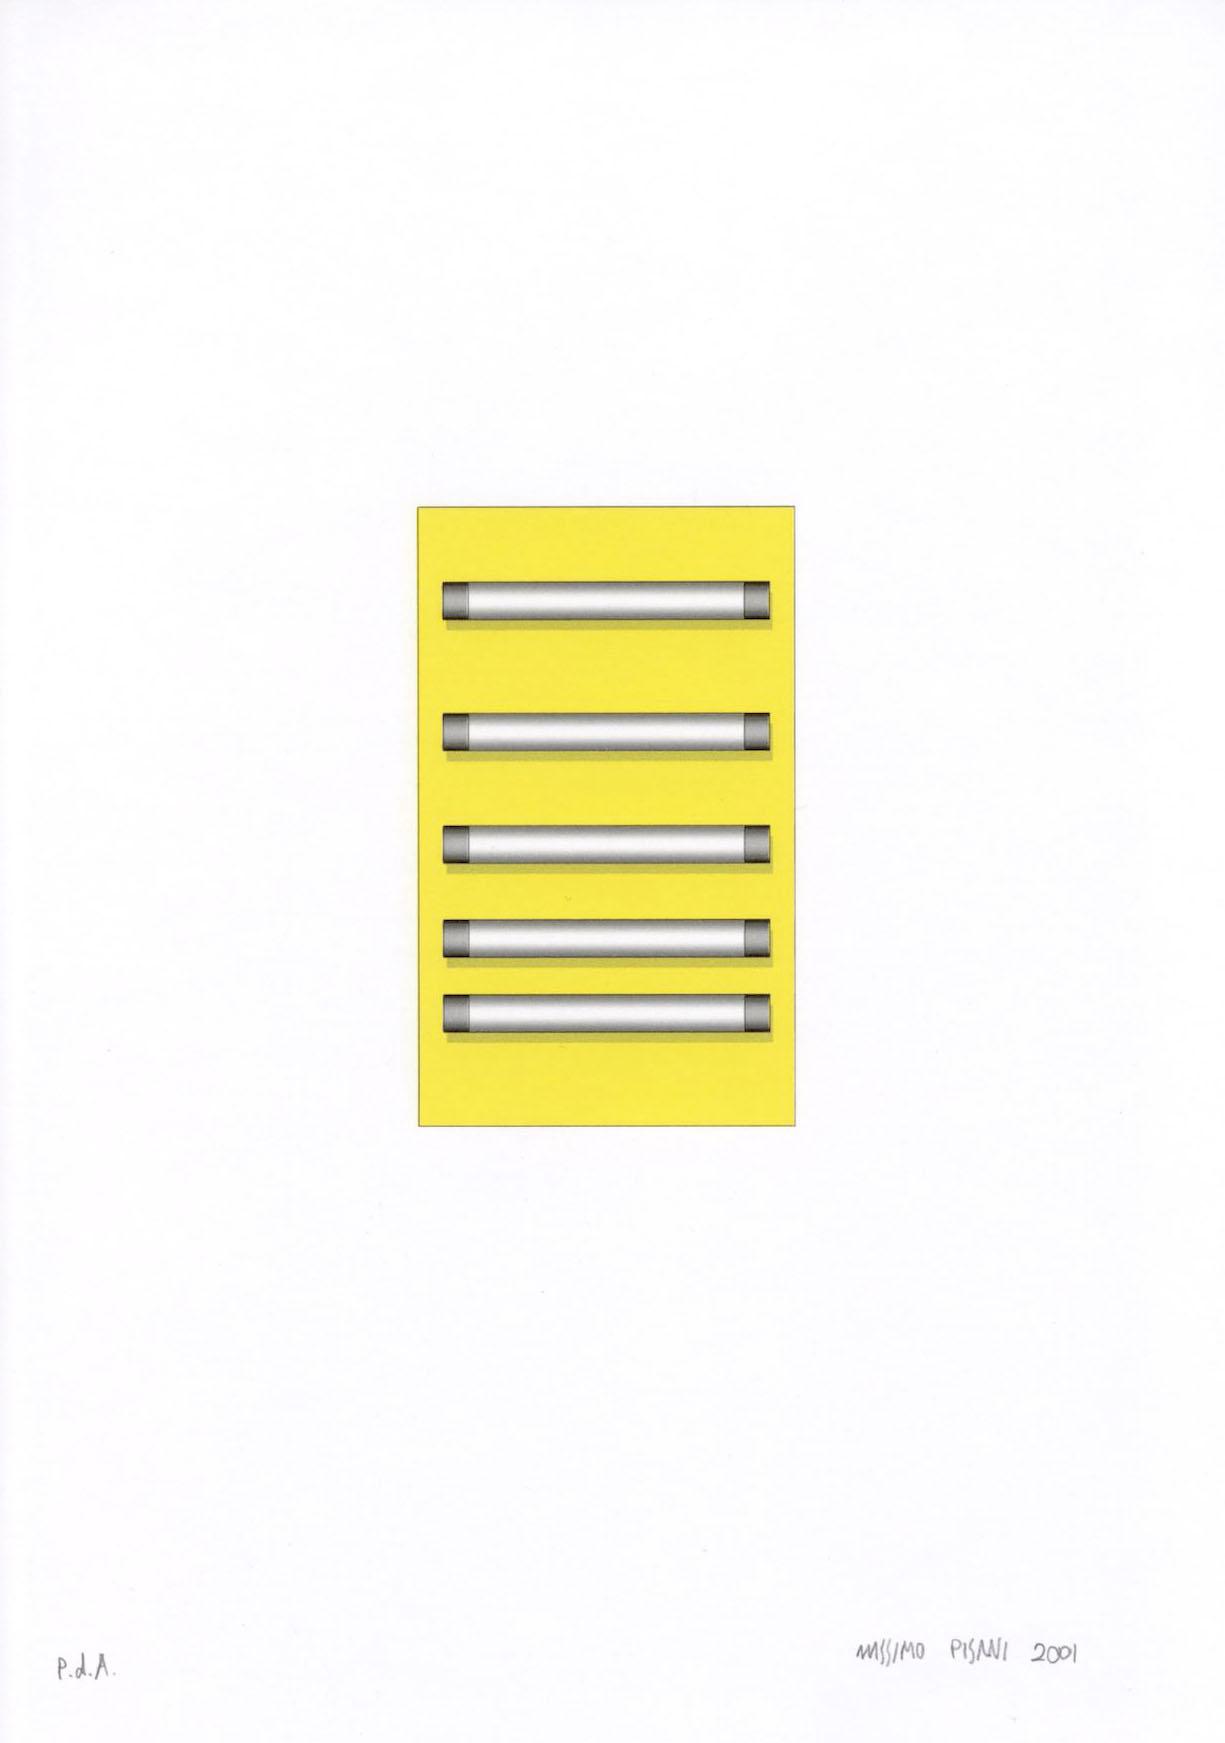 Ilustraciónes para la publicación Pulcino elefante cm.21x29,7 -2002- 27